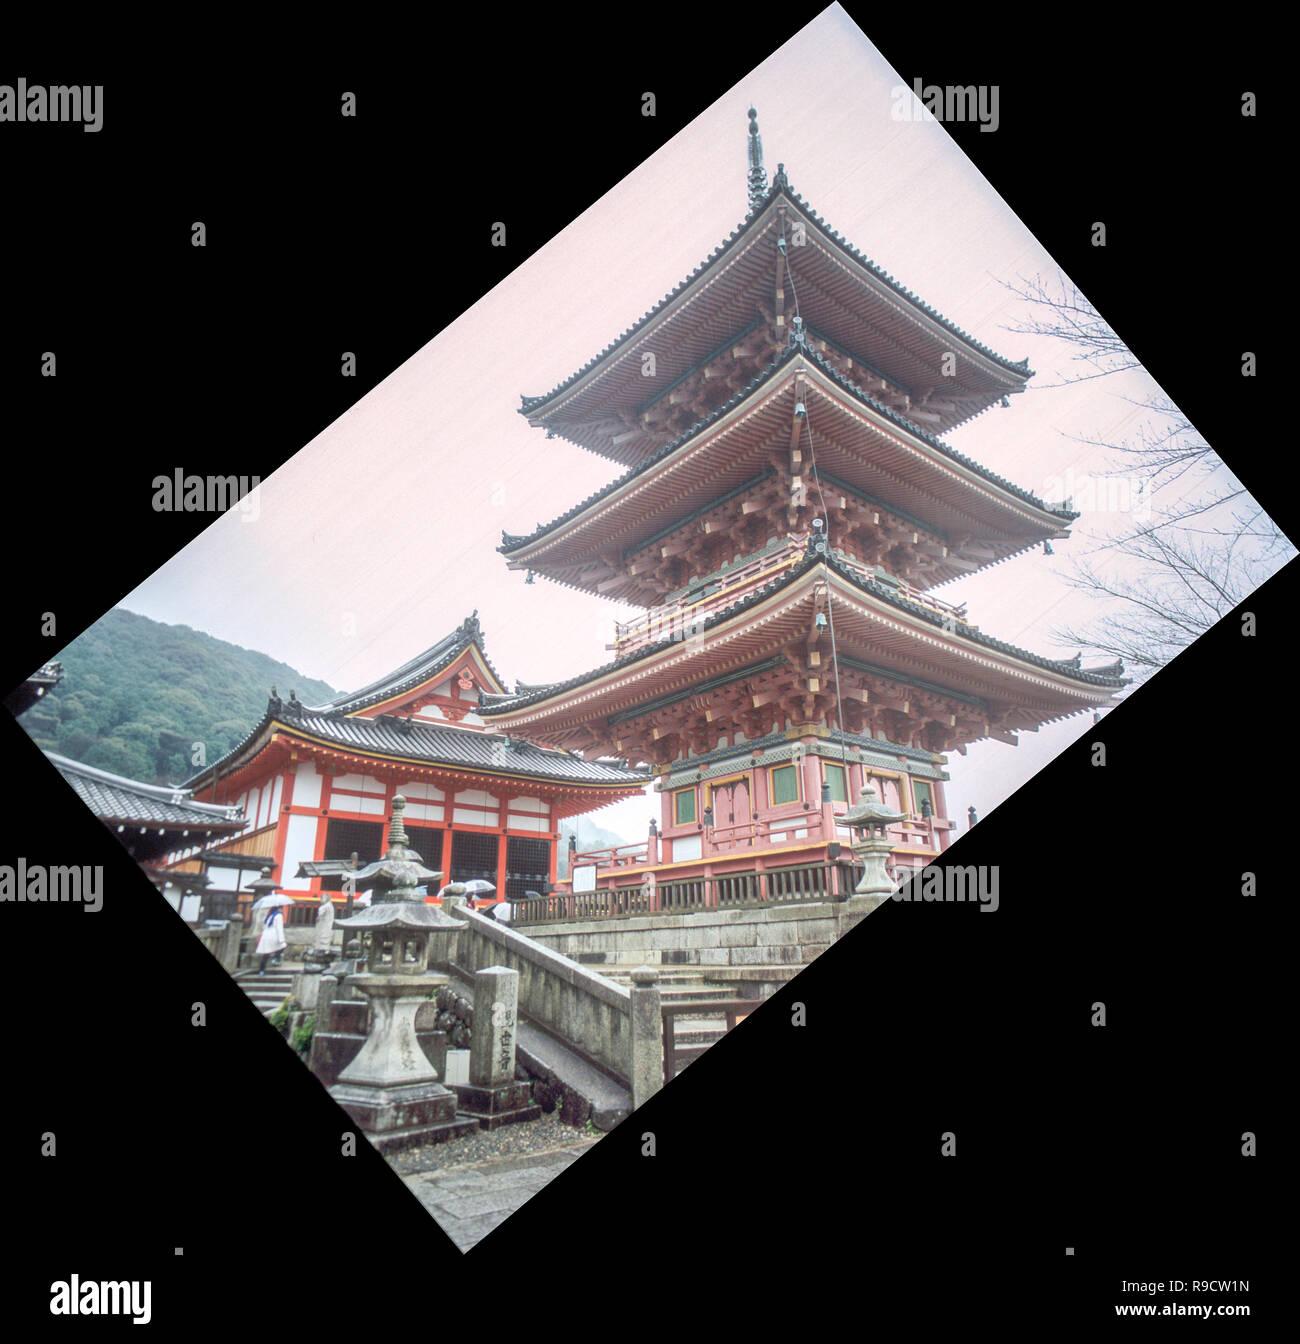 Impression de l'un des Temple historique de Kyoto, partiellement masquée par le brouillard, sur un matin de décembre. Banque D'Images